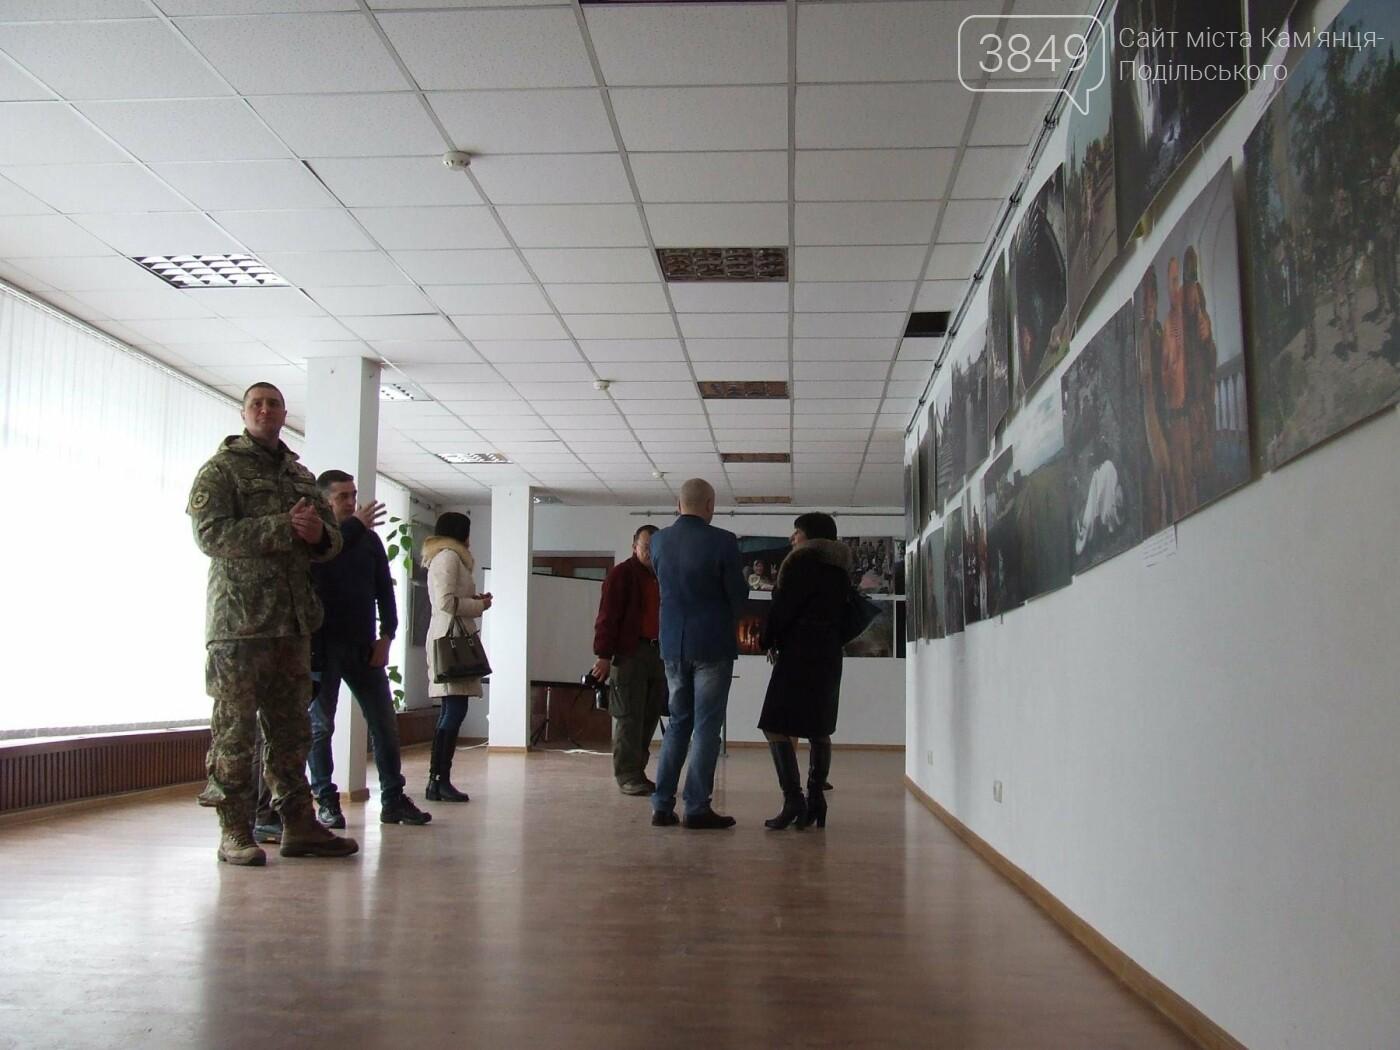 """У Кам'янці відкрито виставку """"Іловайськ - 2014"""", фото-11"""